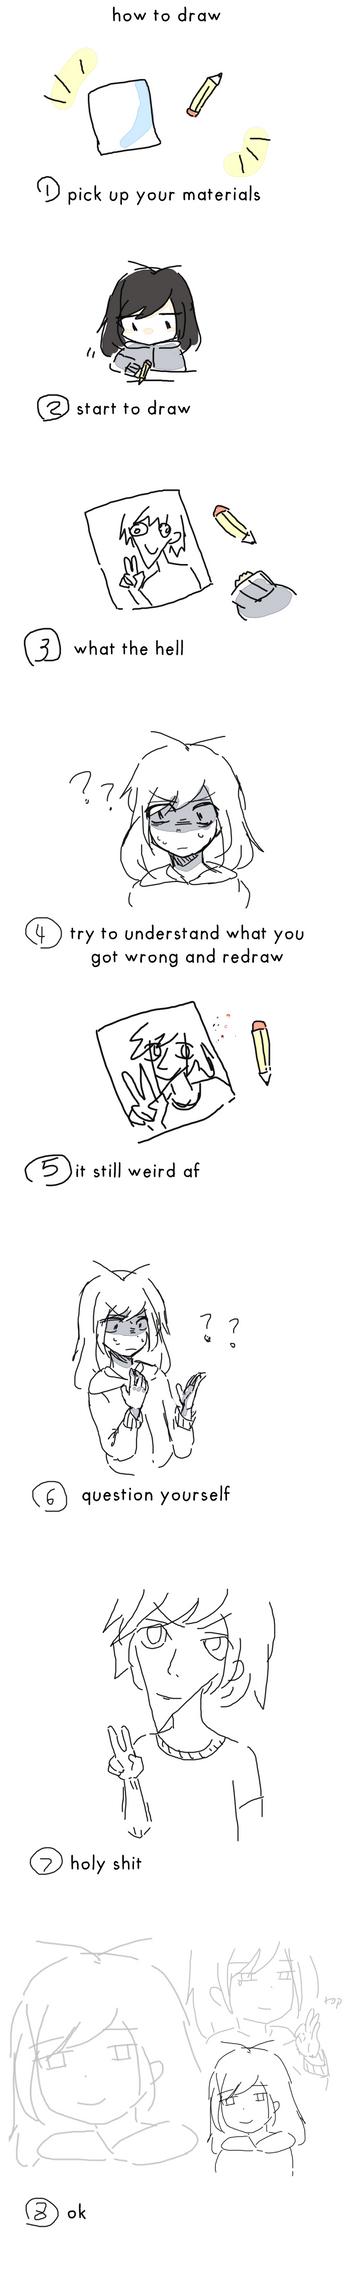 how to draw by yuki-no-iru